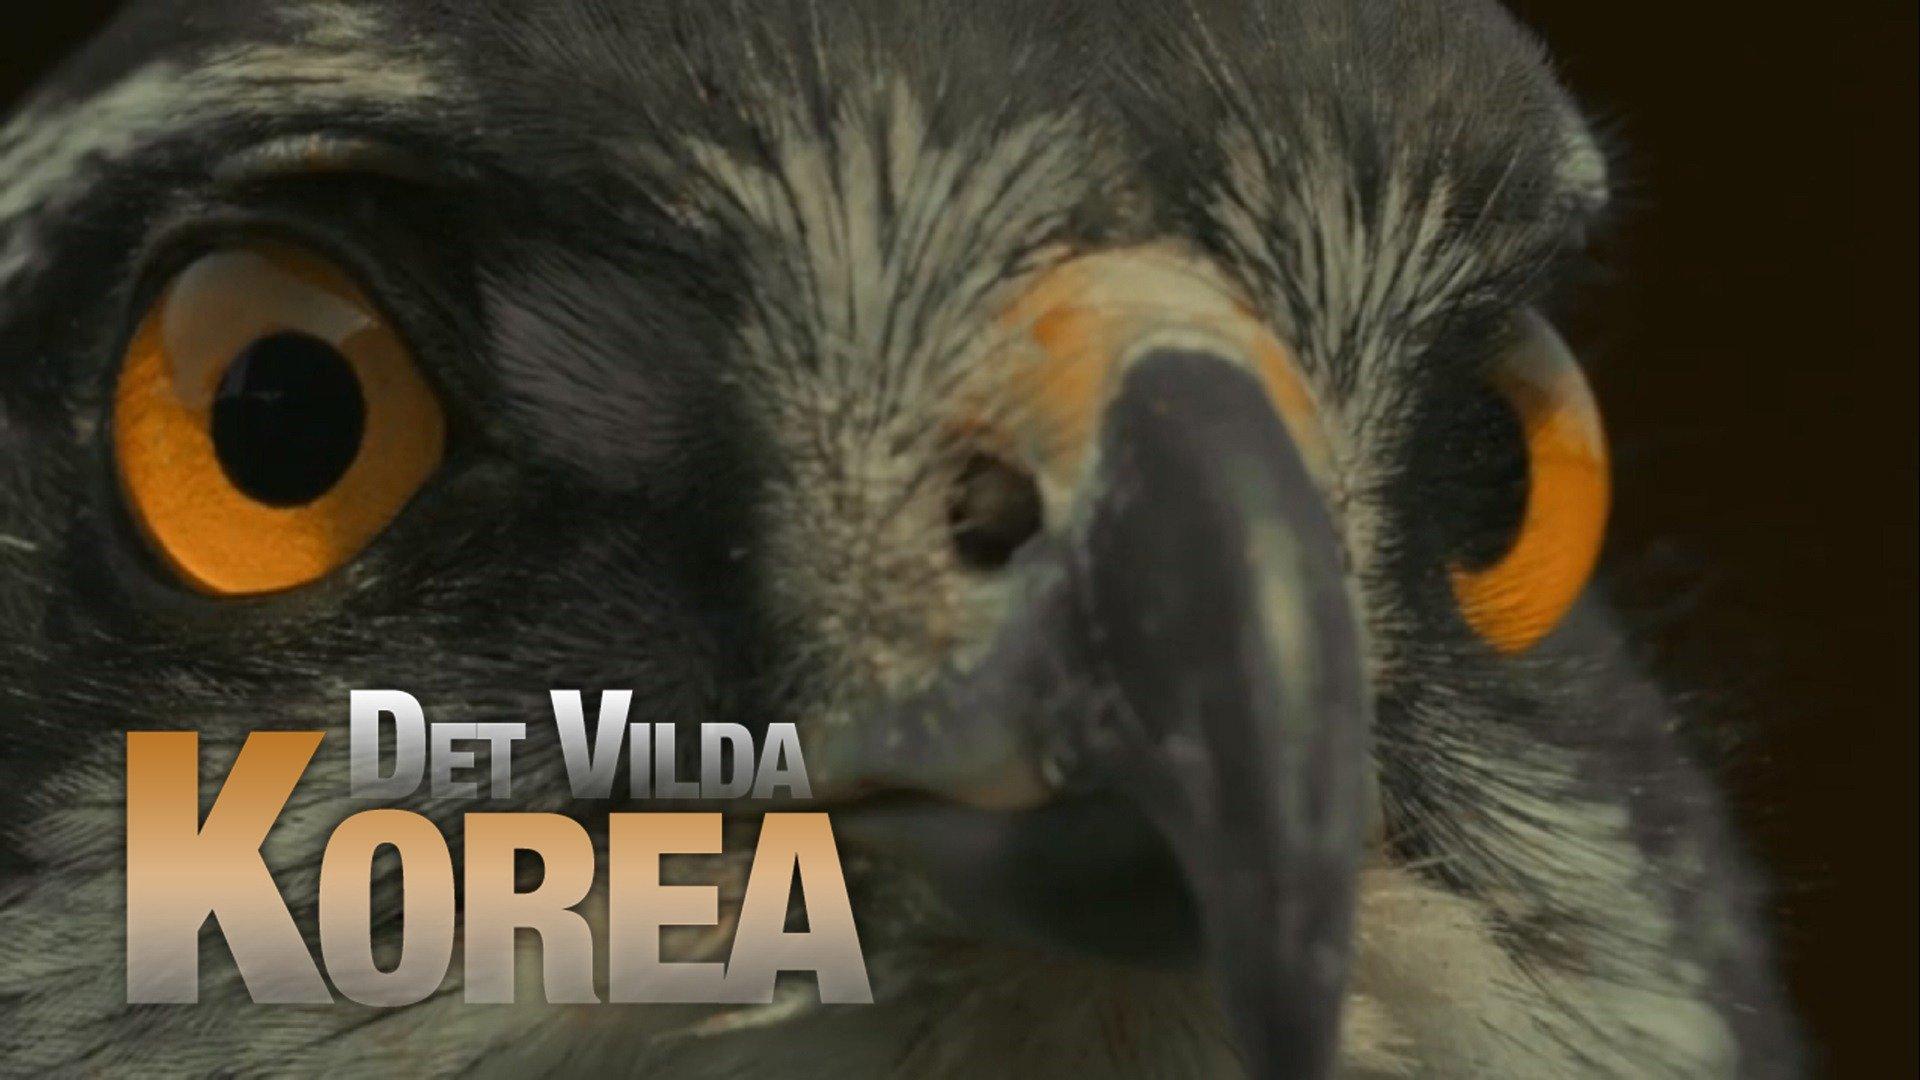 Det vilda Korea